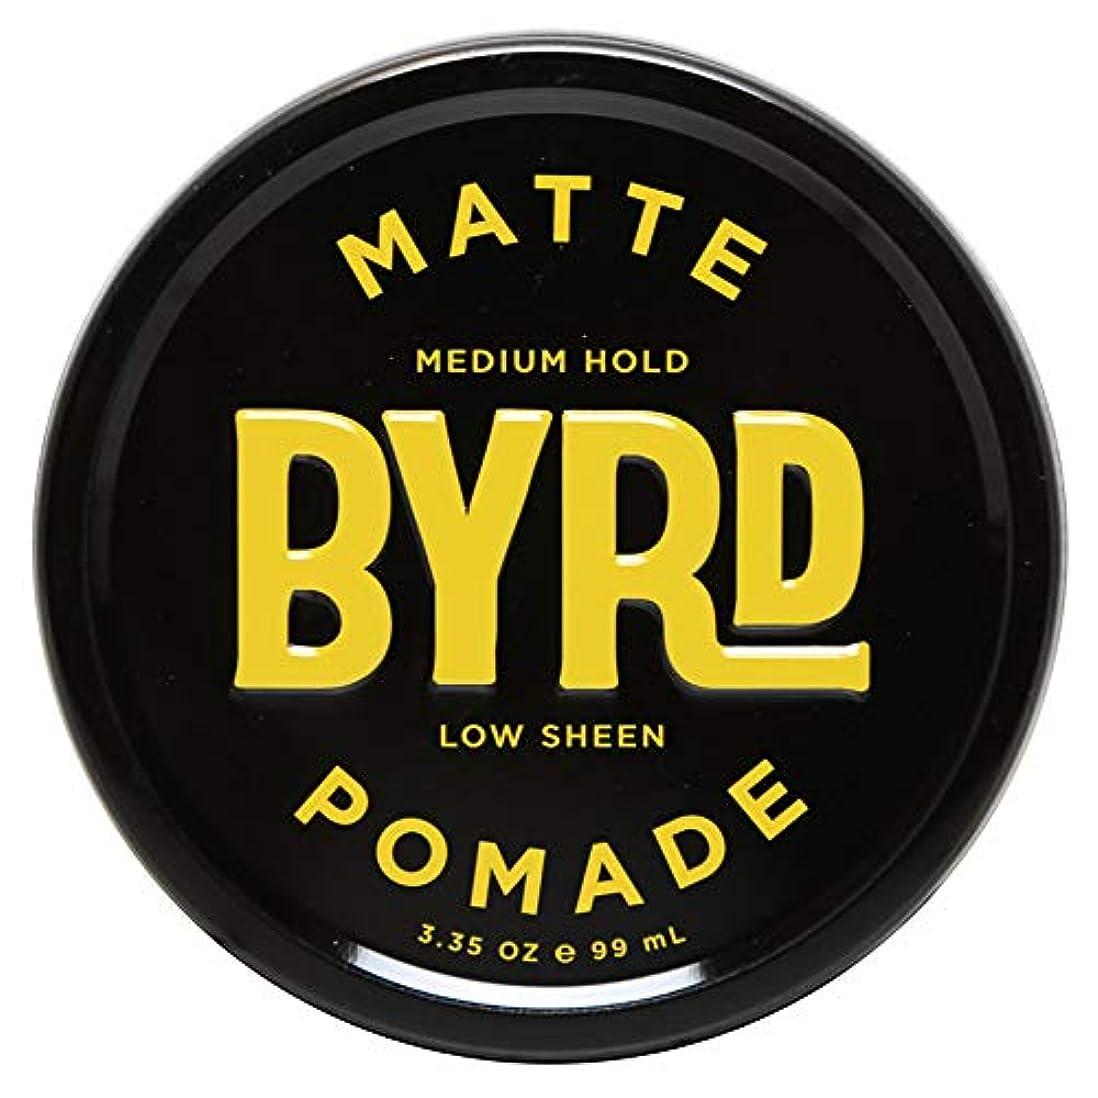 つづり曖昧なパースBYRD バード MATTE POMADE 3.35OZ 99ml マット ポマード